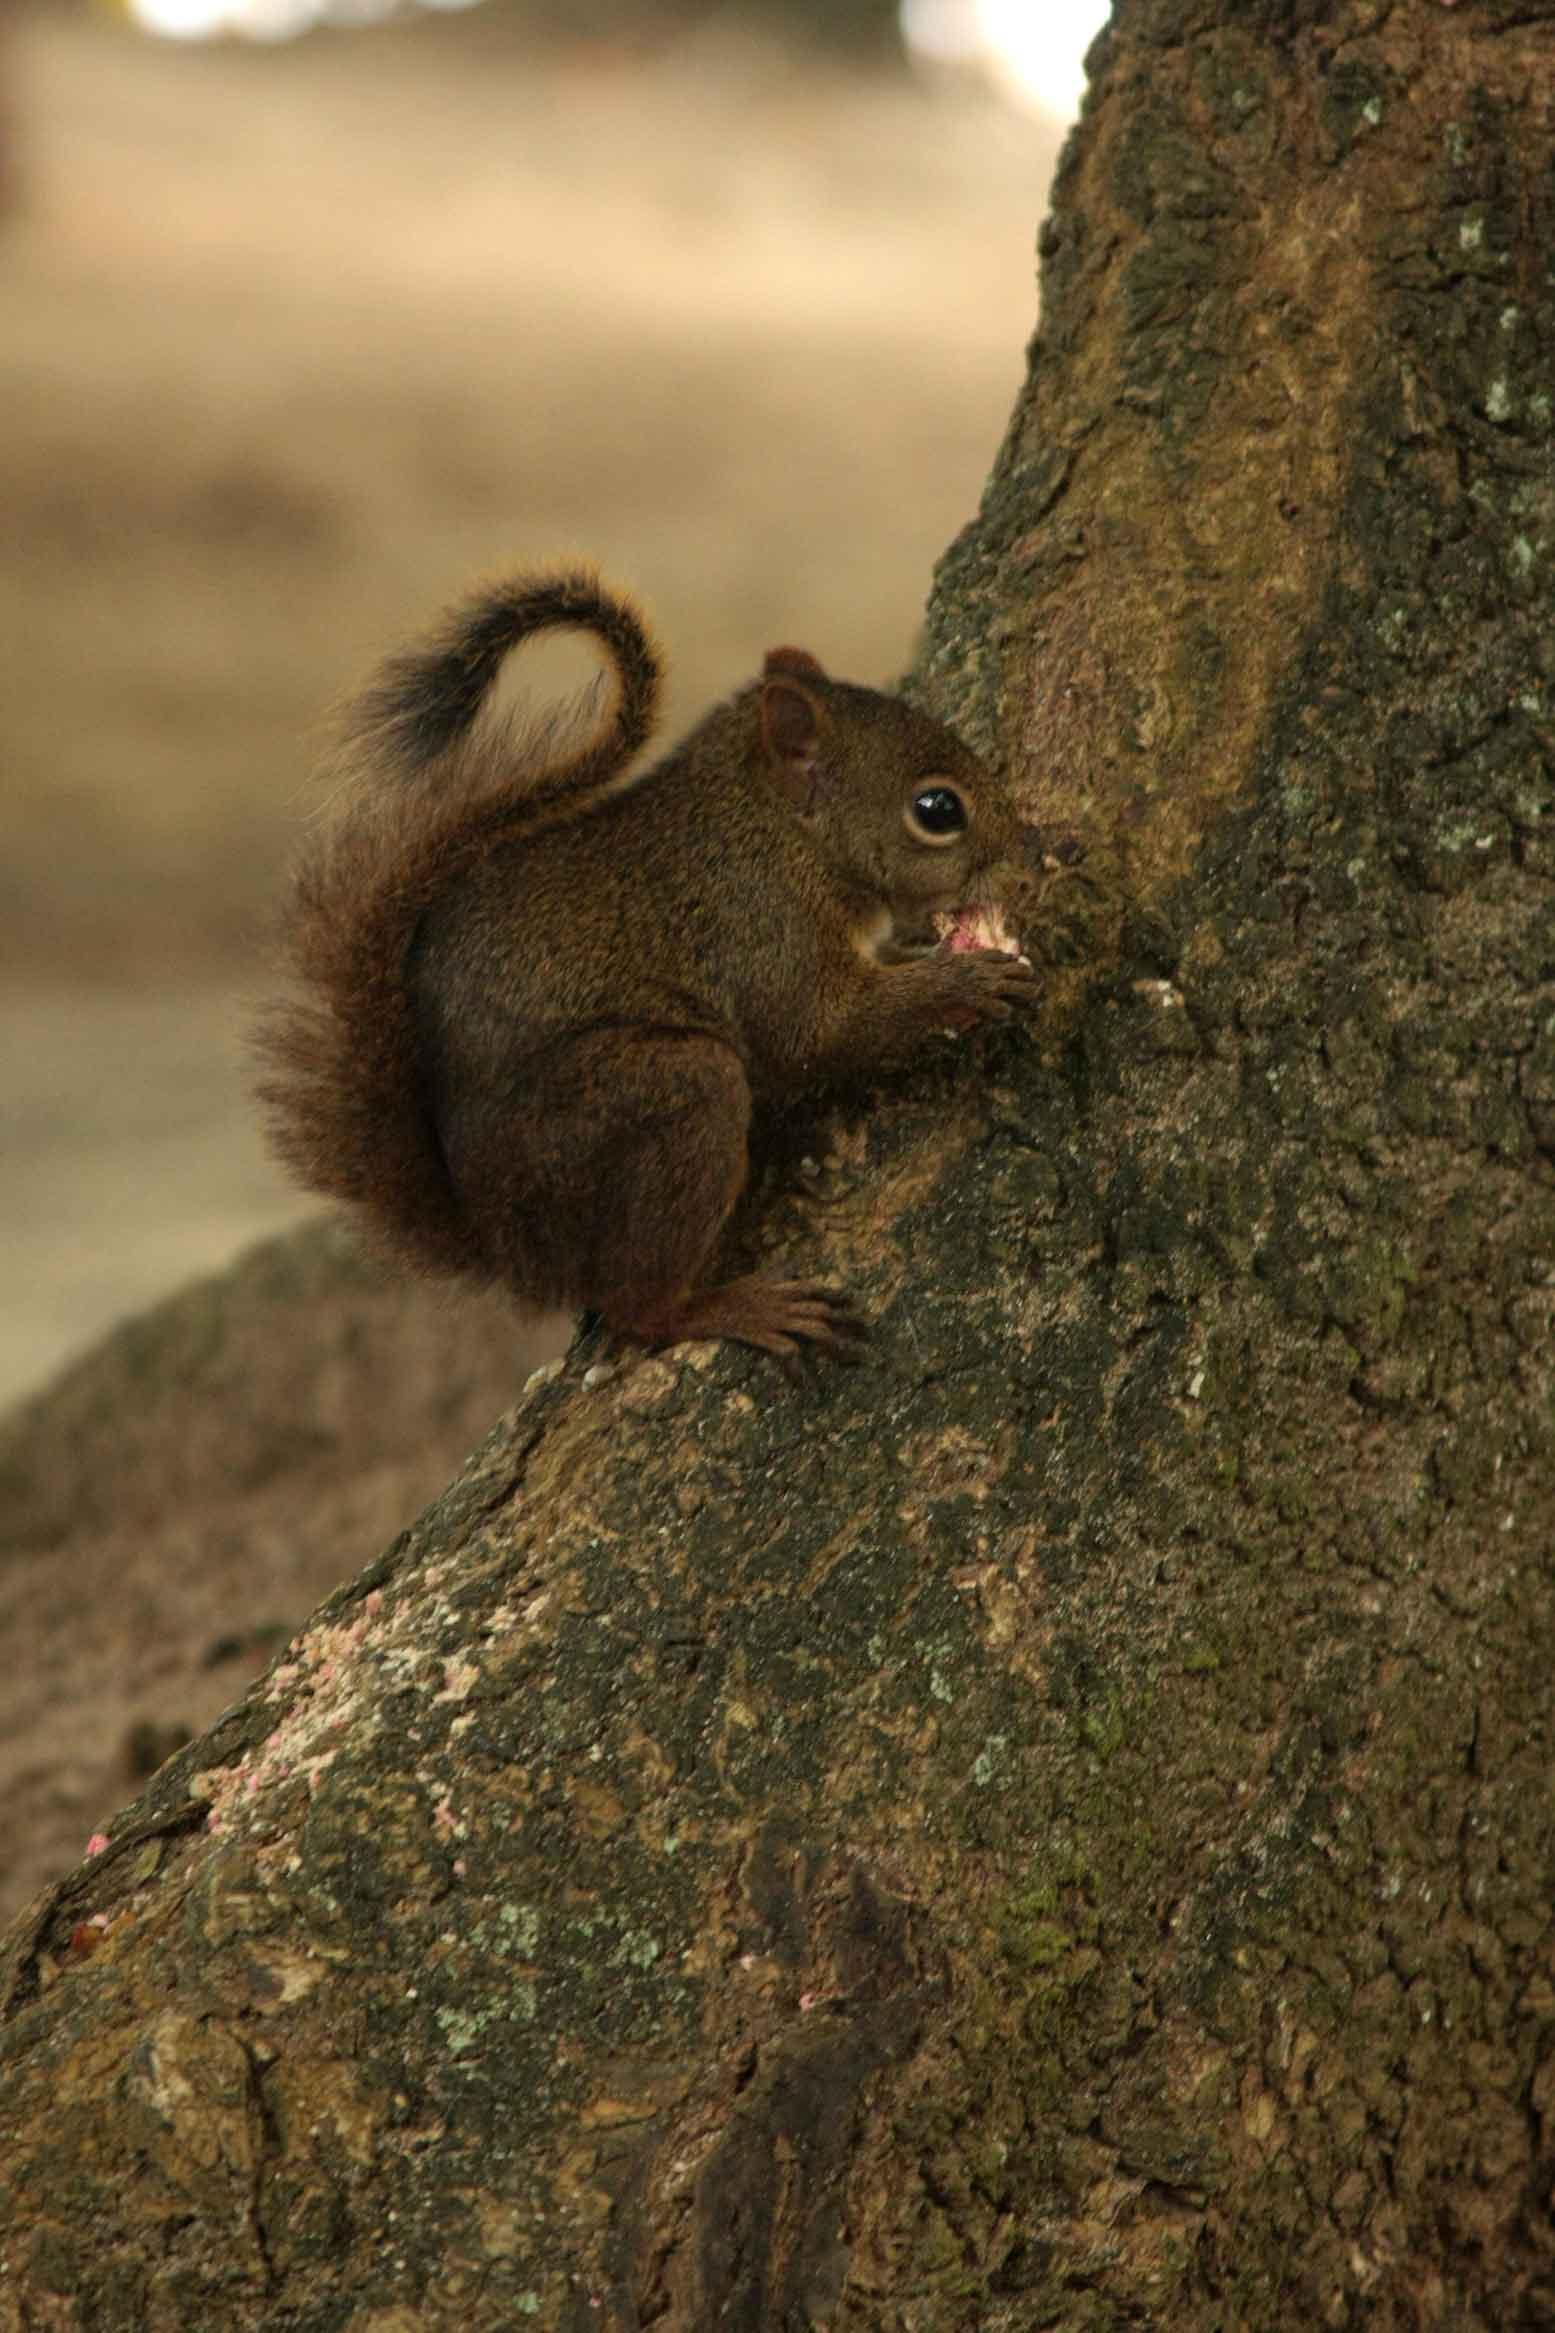 ilhabela-meio-ambiente-caxinguele-esquilo-321-bx